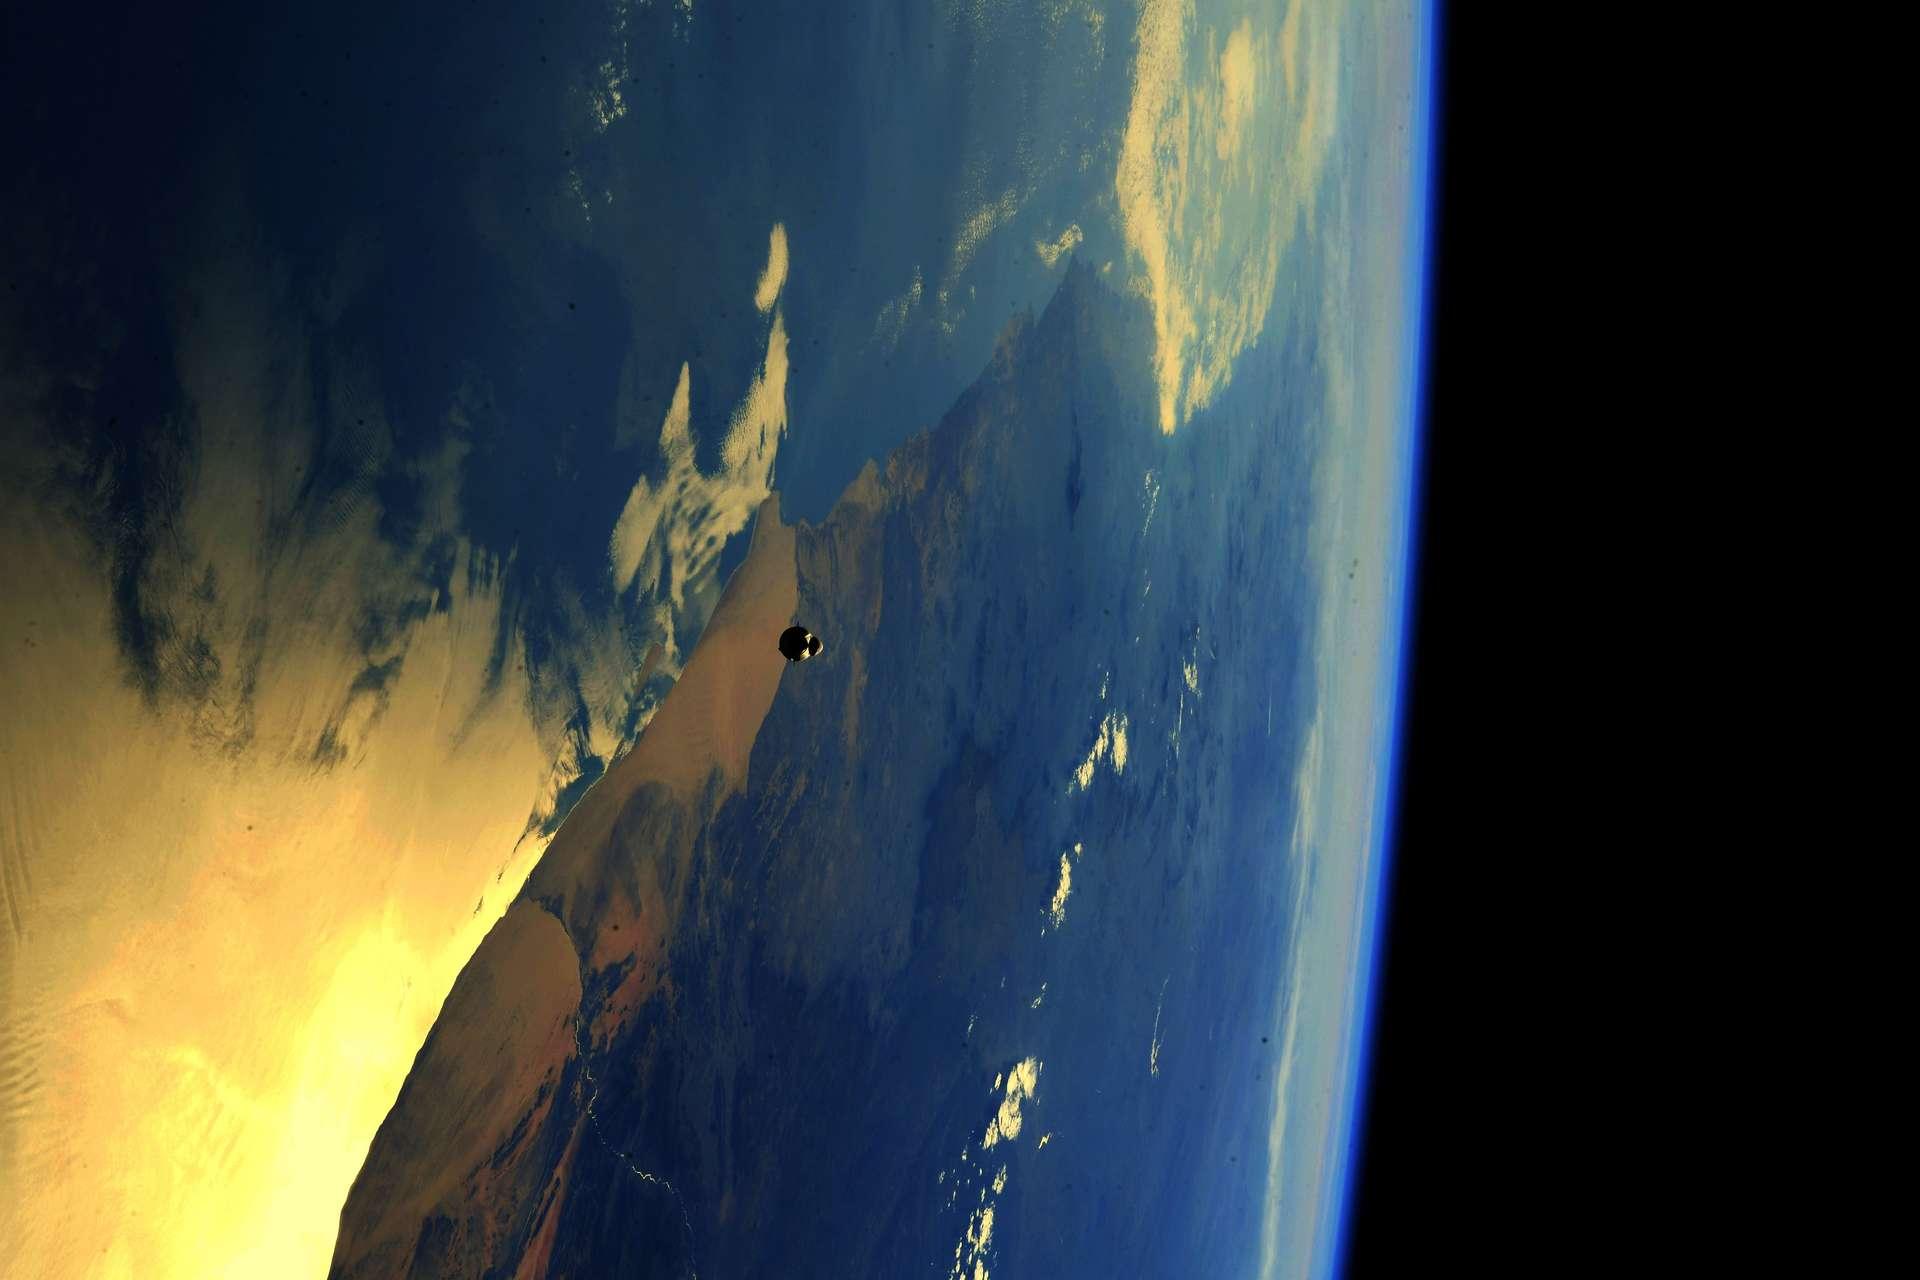 Arrivée du Cargo-22 Dragon à l'ISS, le 3 juin. © Esa, Nasa, Thomas Pesquet